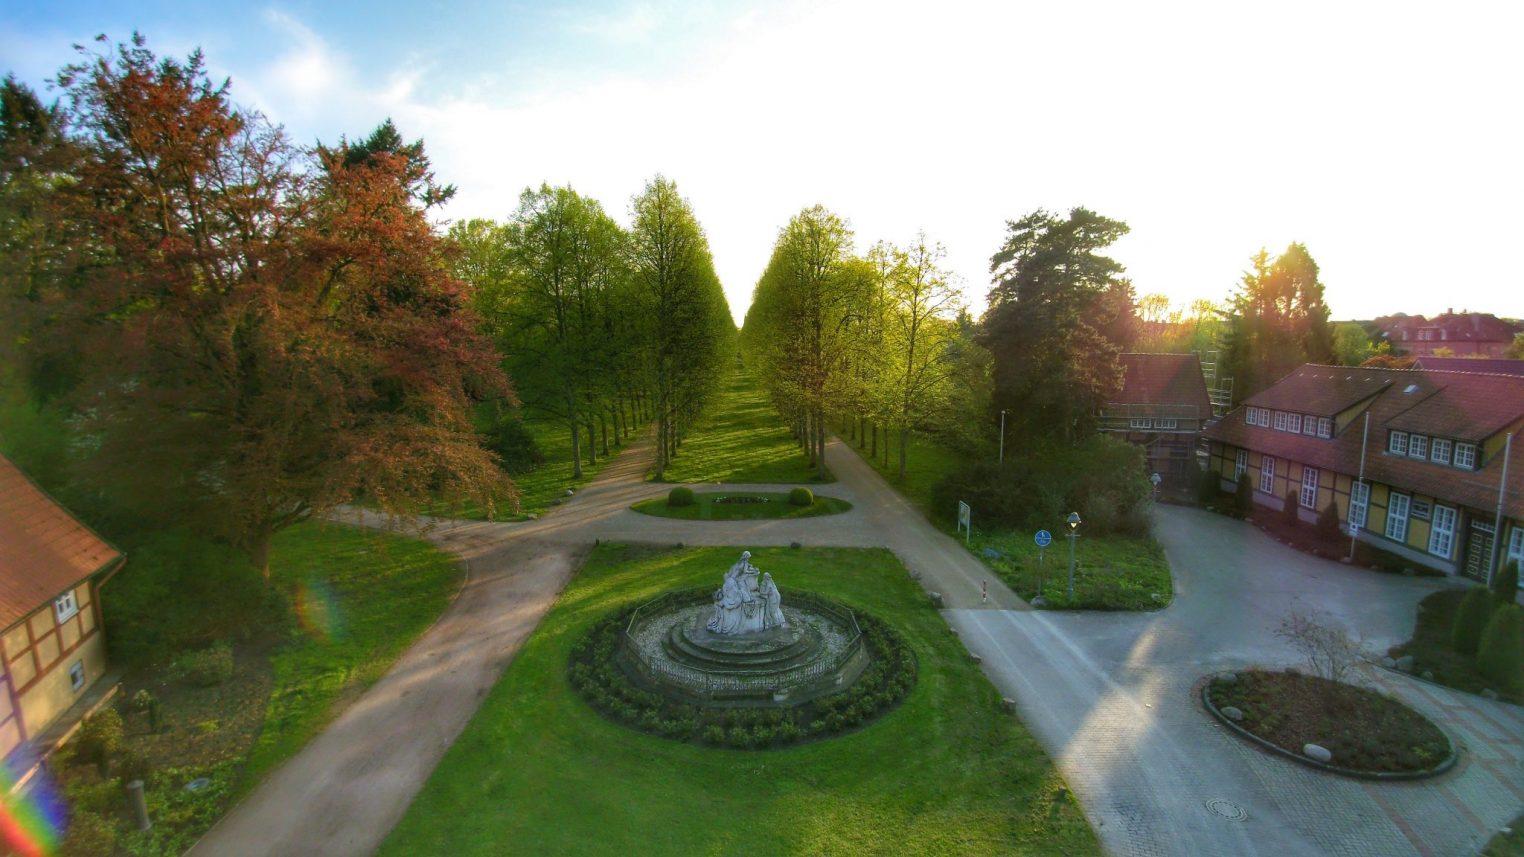 Französicher Garten Celle mit Sonnenuntergang – Cellevonoben